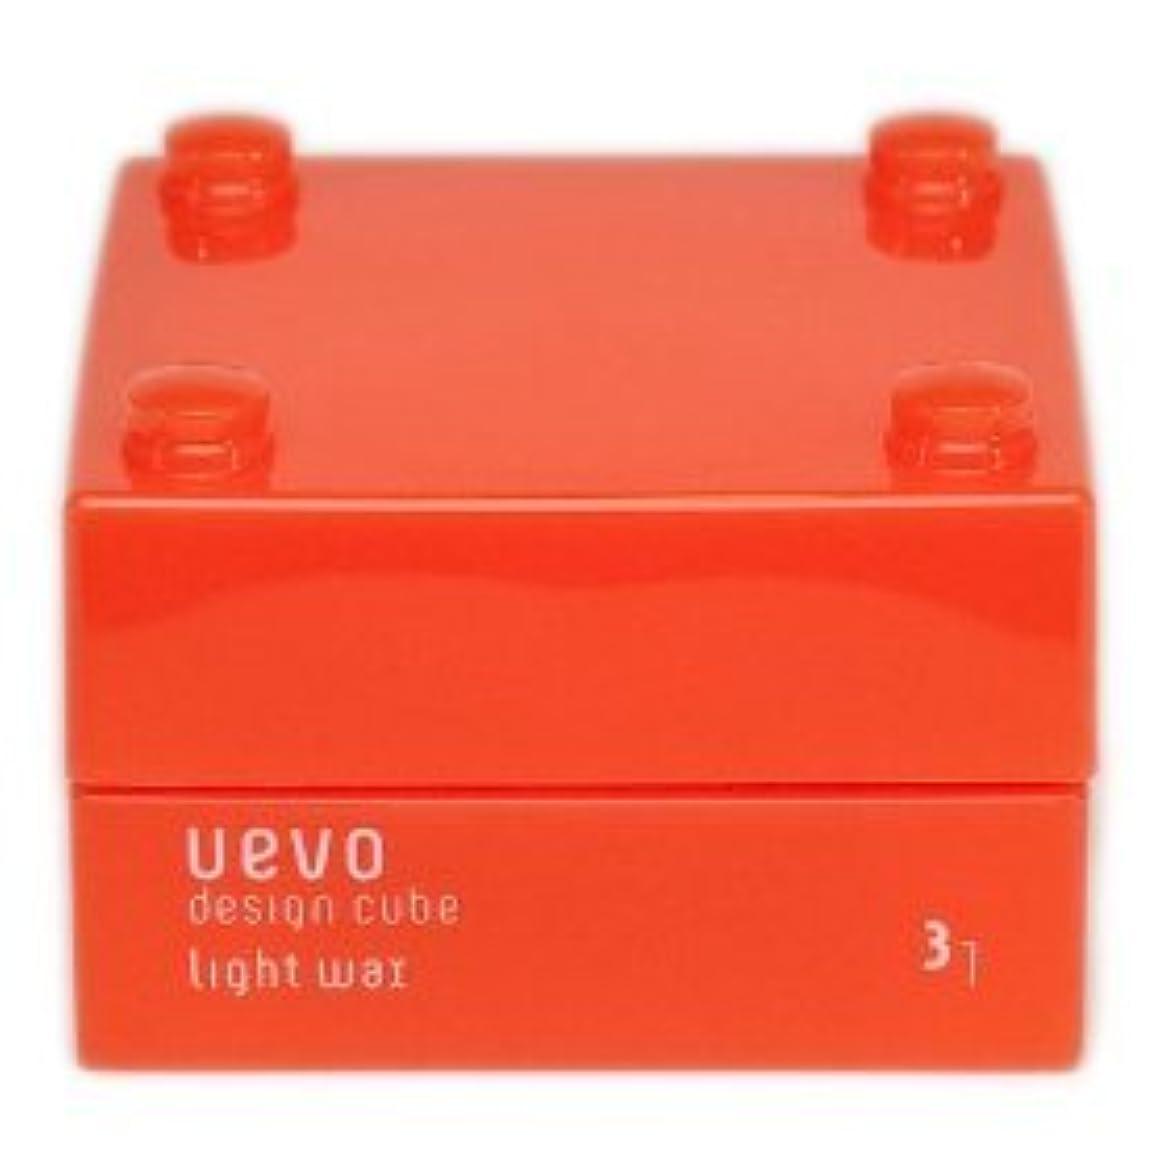 種類グレートバリアリーフぐったり【X3個セット】 デミ ウェーボ デザインキューブ ライトワックス 30g